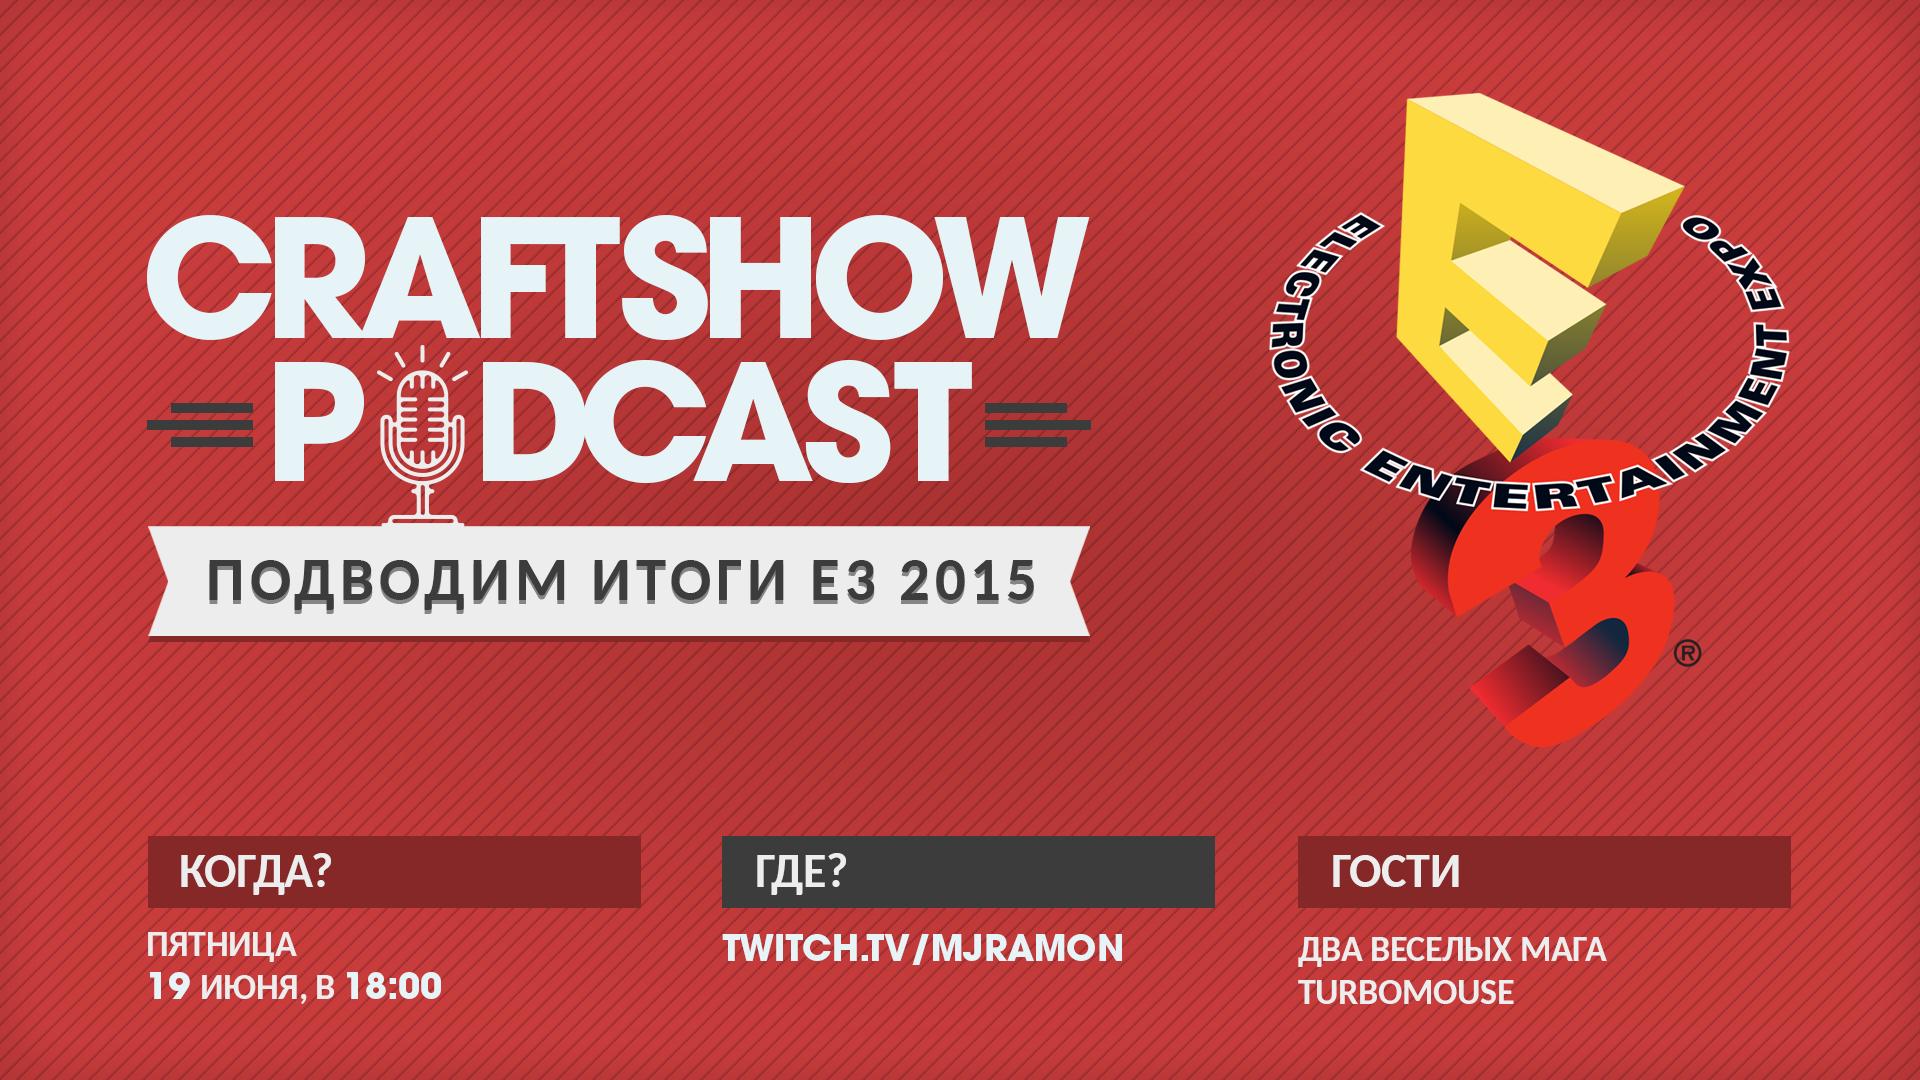 CraftShow Podcast: подводим итоги E3 в прямом эфире - Изображение 1